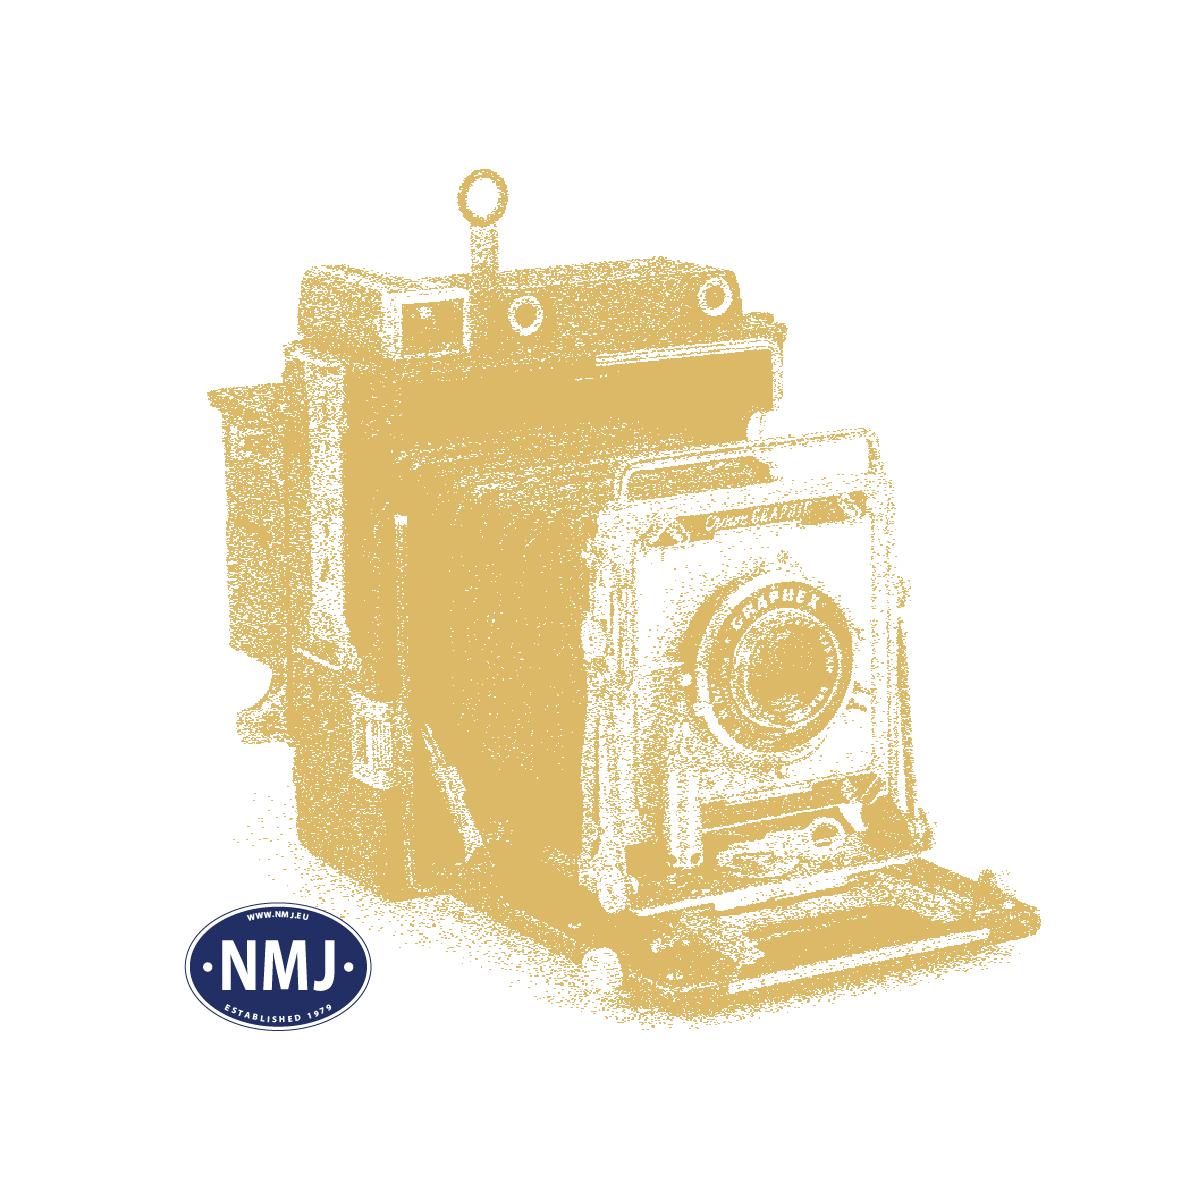 NOC12011 - Jernbanearbeidere og arbeidsbrakke, ferdigmodeller